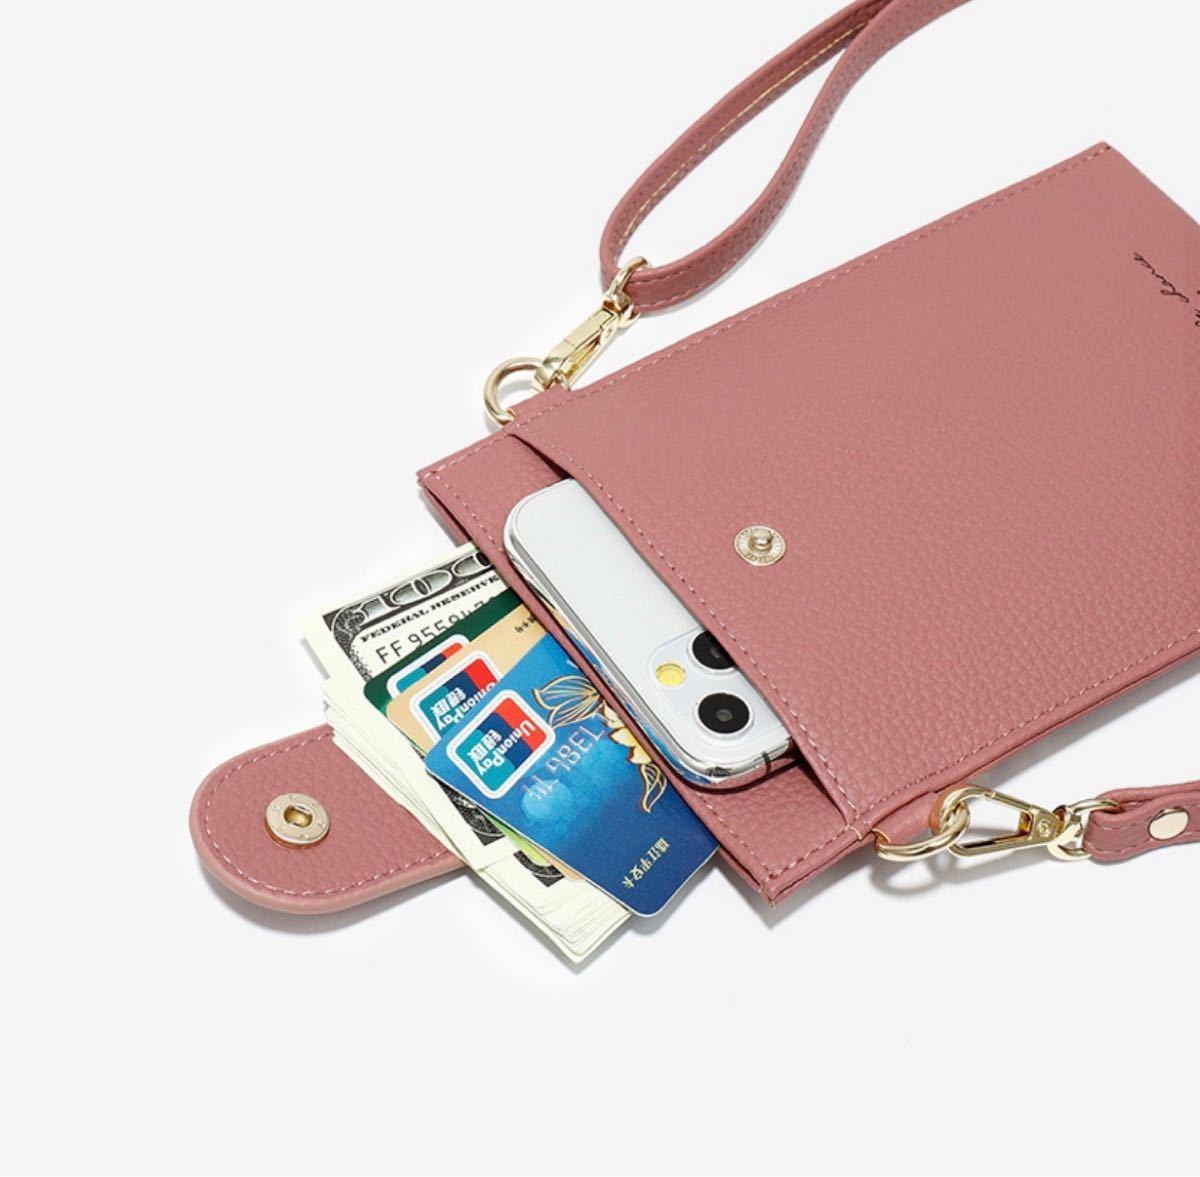 スマホポーチ ピンク お財布ポシェット ショルダー レディース 韓国 かわいい  ミニバッグ ショルダーバッグ クロスボディバッグ